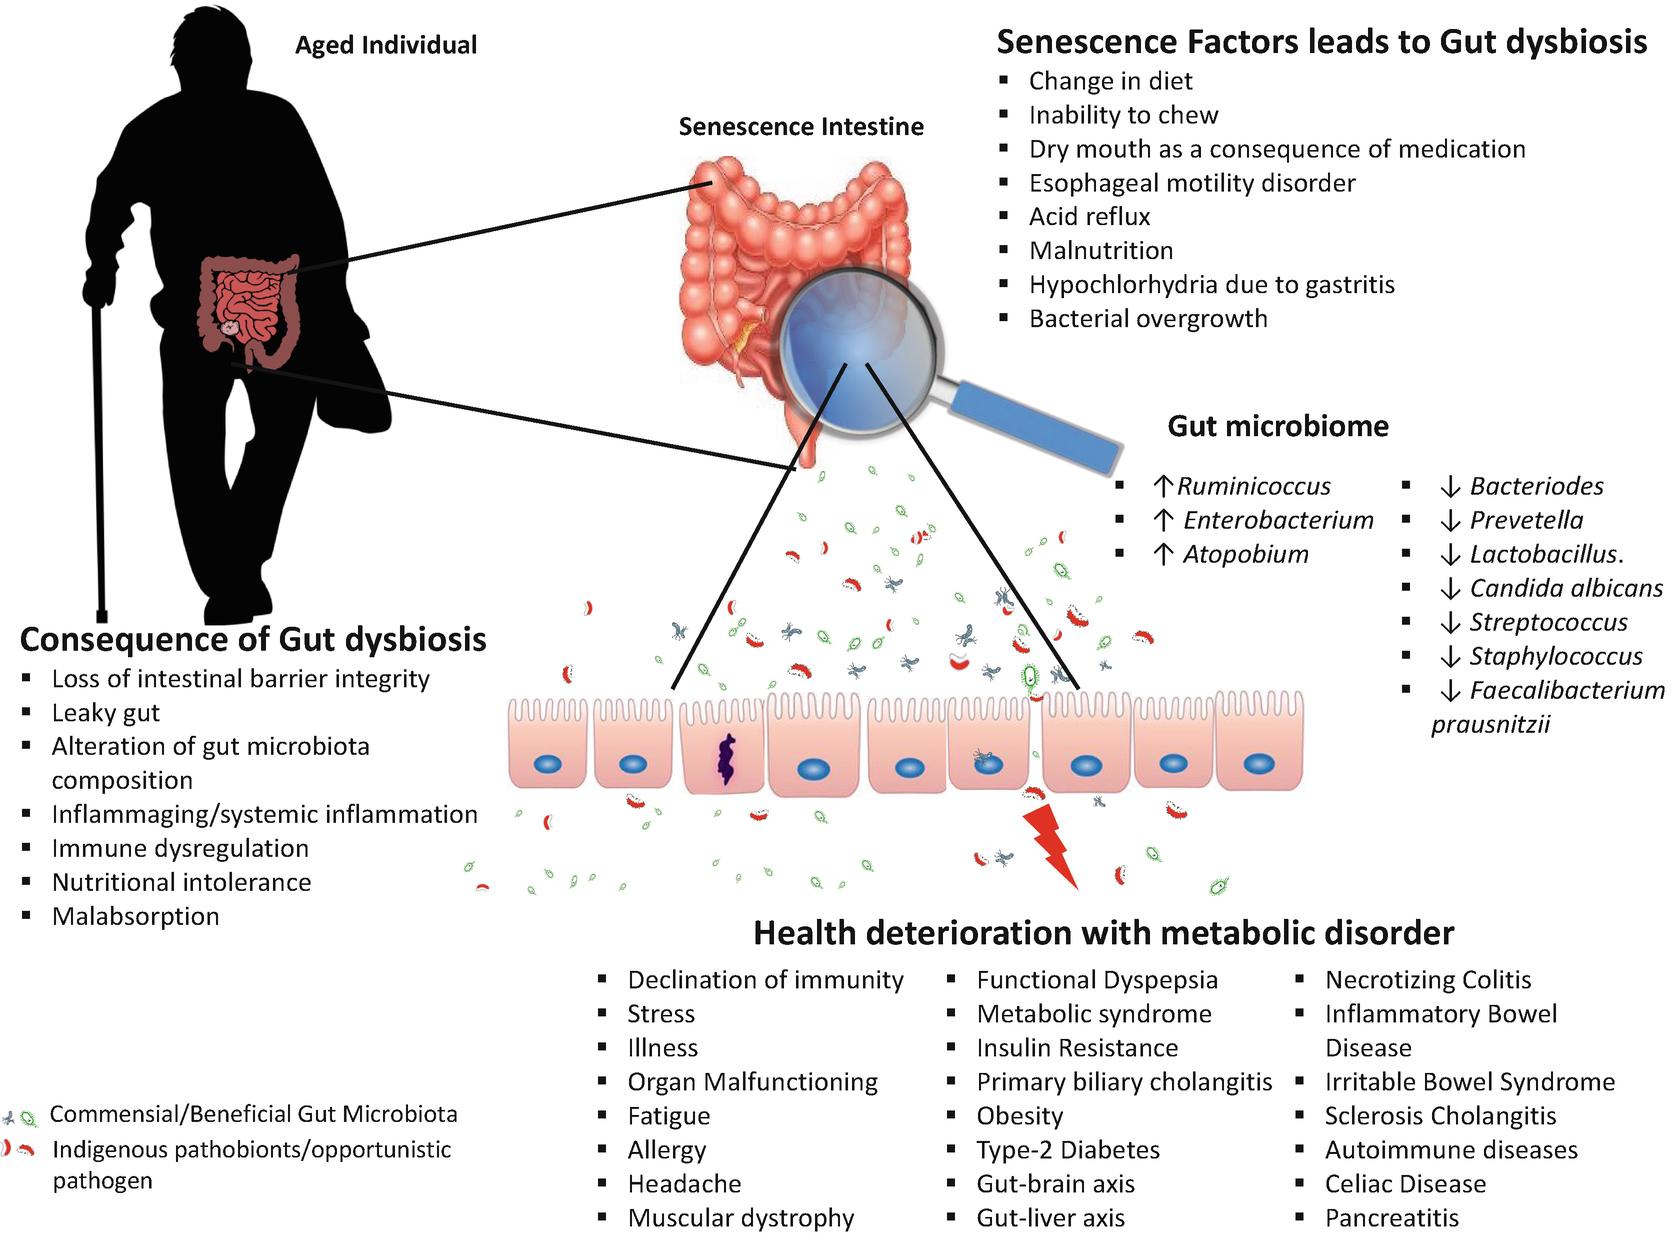 Dysbiosis brain fog - Mirica Autism Dysbiosis fatigue